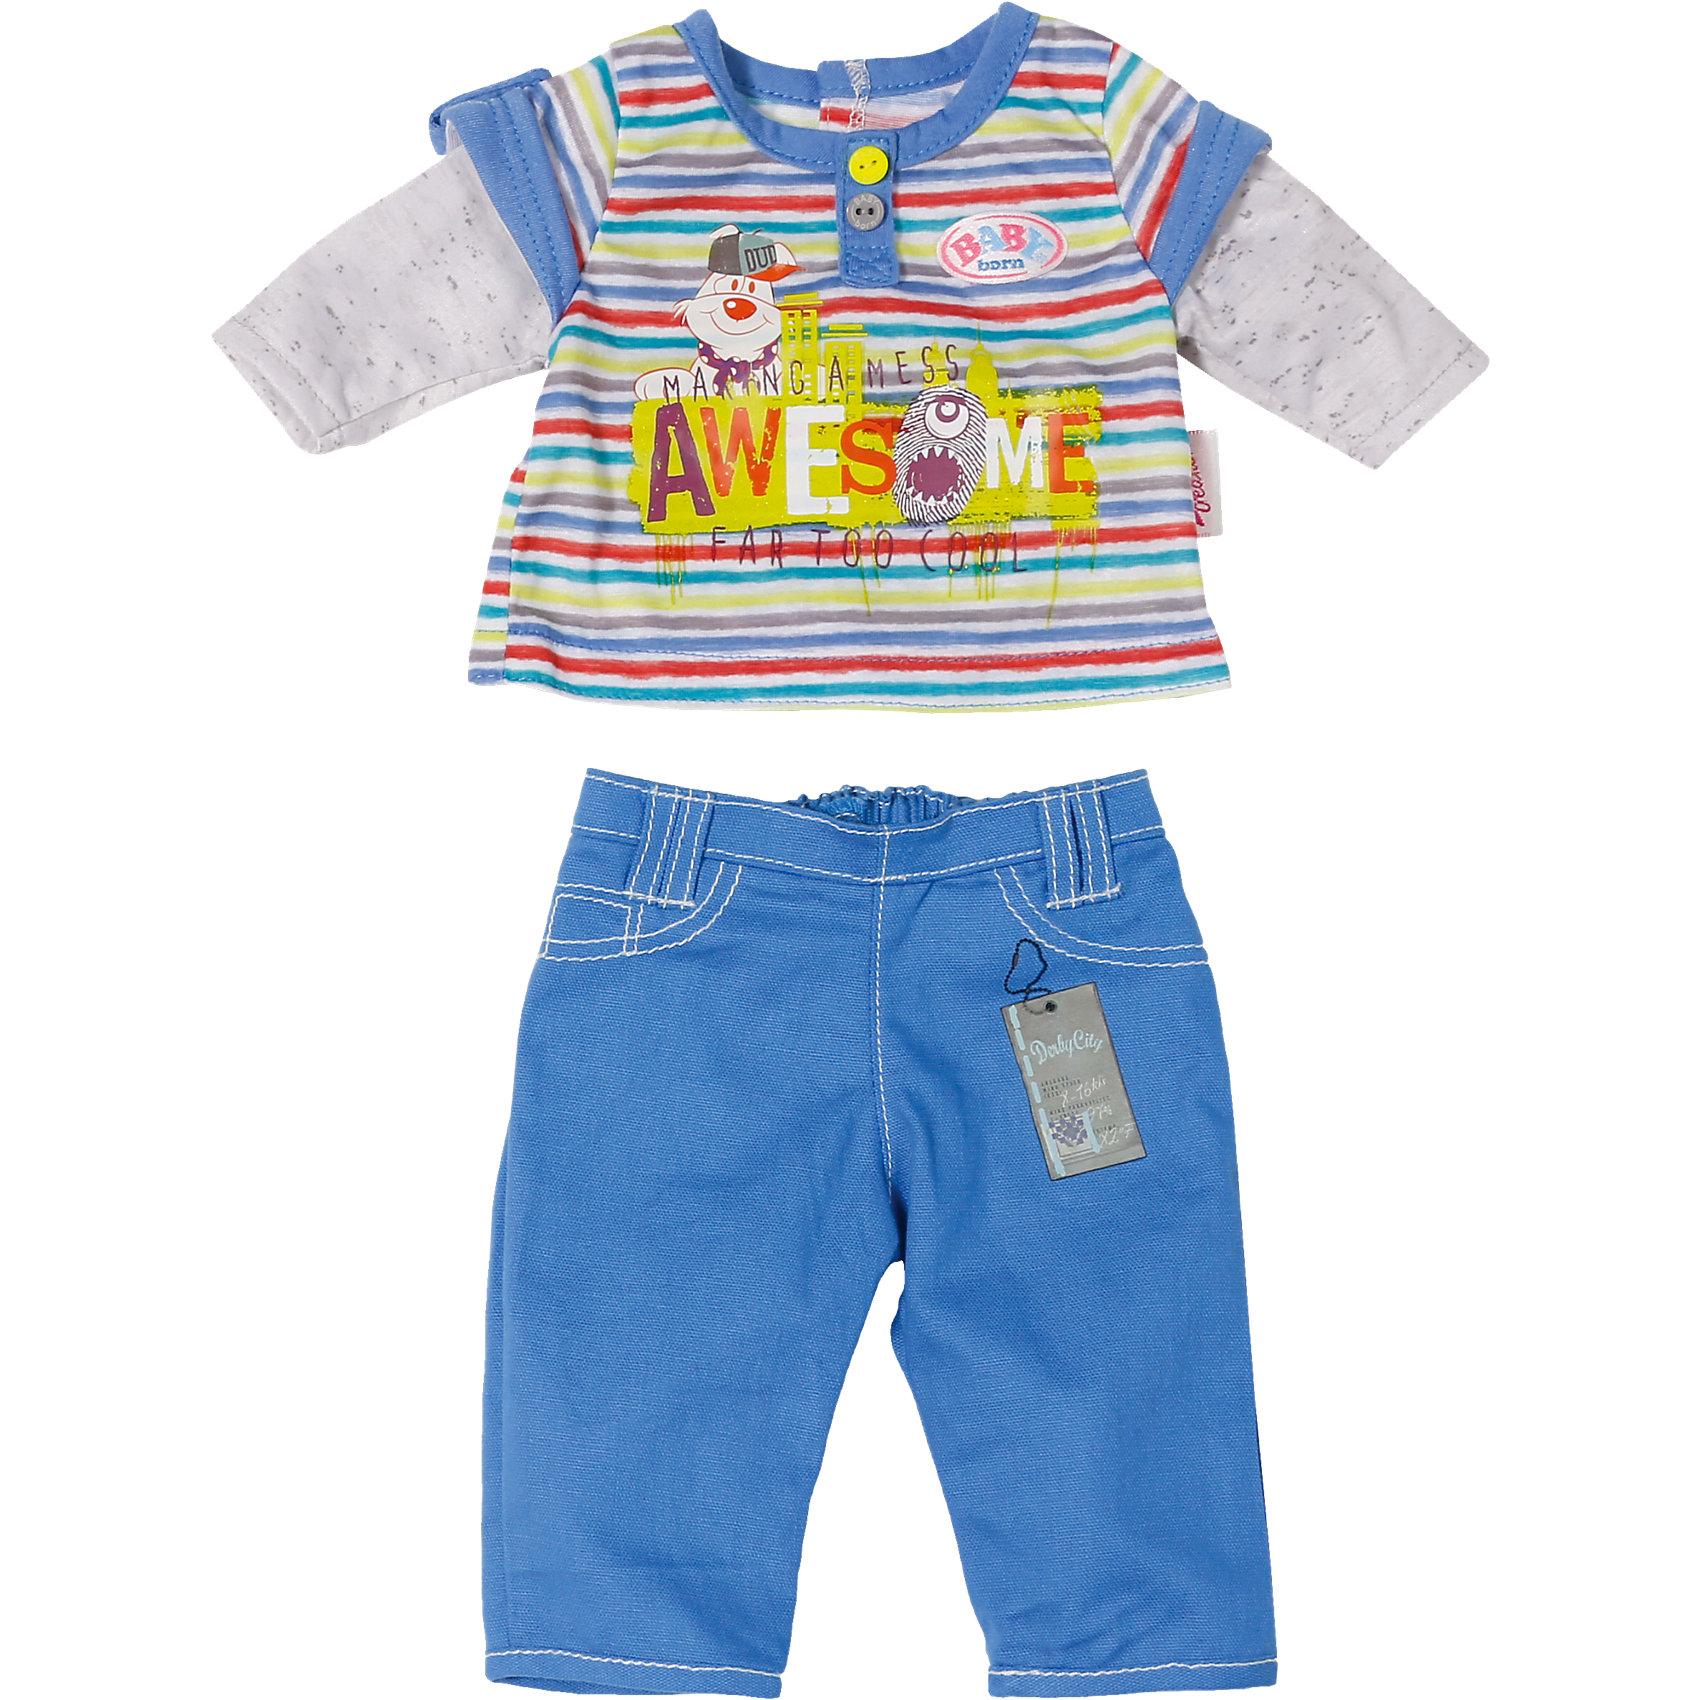 Одежда стильная для мальчика, синие штаны, BABY bornКукольная одежда и аксессуары<br>Характеристики товара:<br><br>• возраст от 3 лет;<br>• материал: текстиль;<br>• в комплекте: кофта, штаны; <br>• размер упаковки 19х15х4 см;<br>• страна производитель: Китай.<br><br>Одежда стильная для мальчика Baby Born дополнит гардероб пупса Baby Born от Zapf Creation. Комплект состоит из синих брюк и голубой футболки с рисунками. Одежда выполнена из качественных материалов. <br><br>Одежду стильную для мальчика Baby Born можно приобрести в нашем интернет-магазине.<br><br>Ширина мм: 405<br>Глубина мм: 195<br>Высота мм: 41<br>Вес г: 131<br>Возраст от месяцев: 36<br>Возраст до месяцев: 60<br>Пол: Женский<br>Возраст: Детский<br>SKU: 4319383